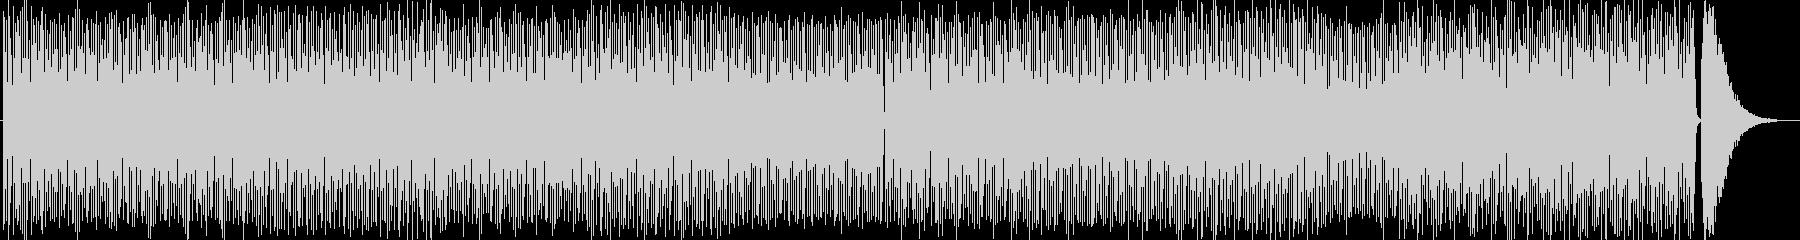 コミカルなシンセ・ボイスなどポップEDMの未再生の波形